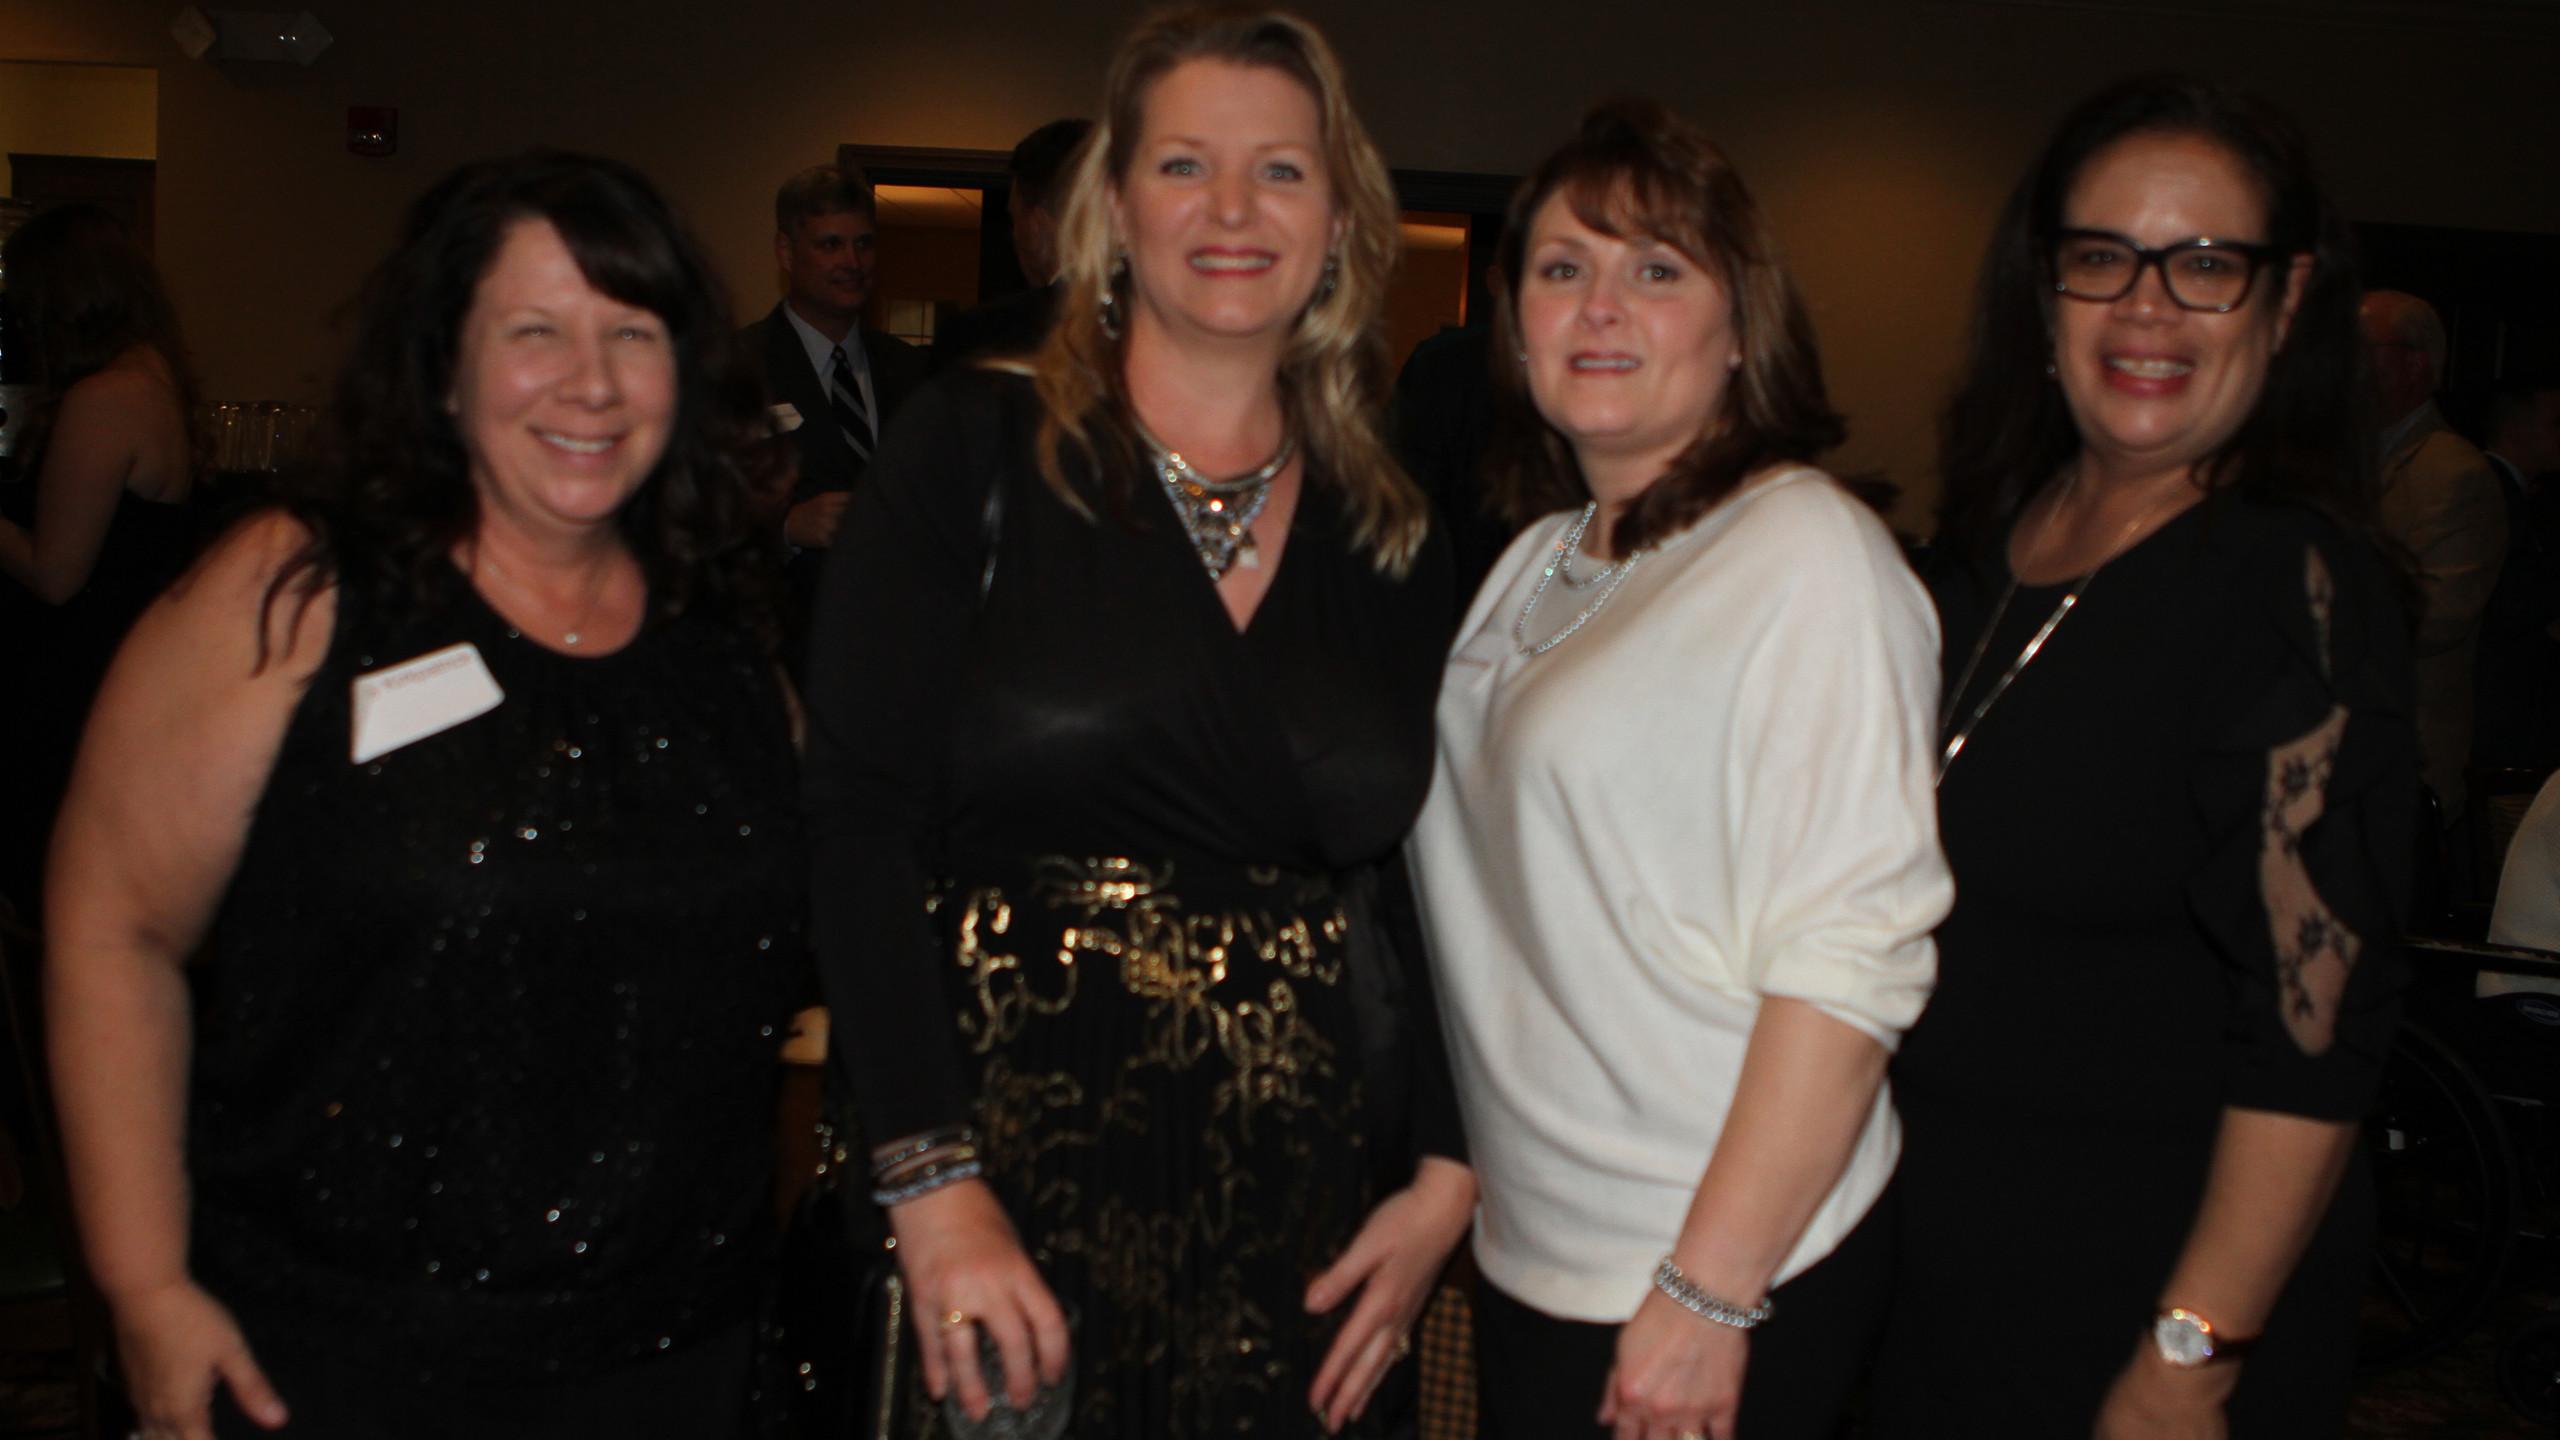 Kristi Kirkpatrick, Cosy Sims, Donna Osb